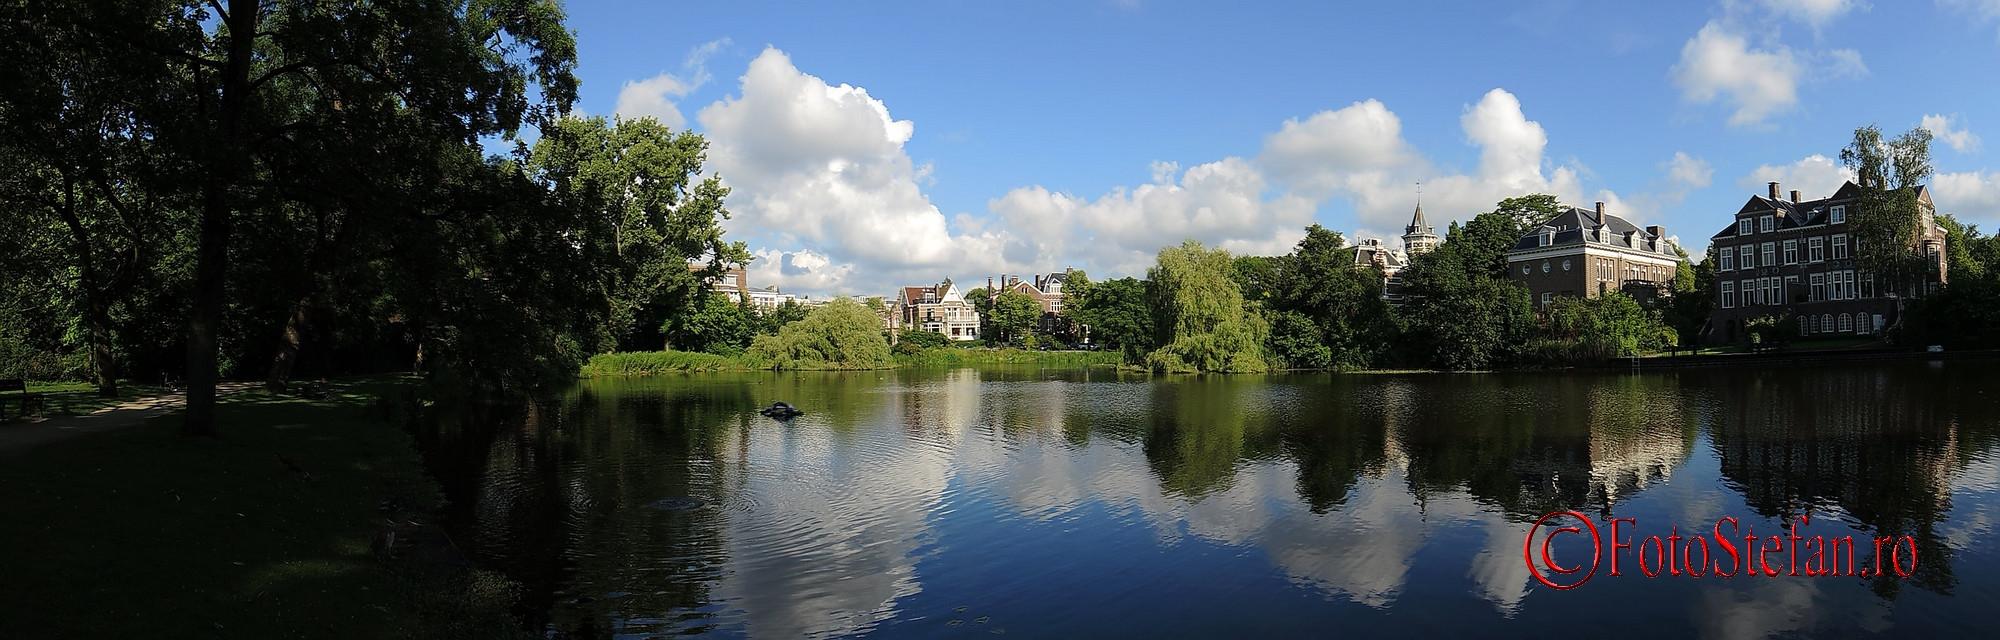 poza panoramica amsterdam parcul Vondel